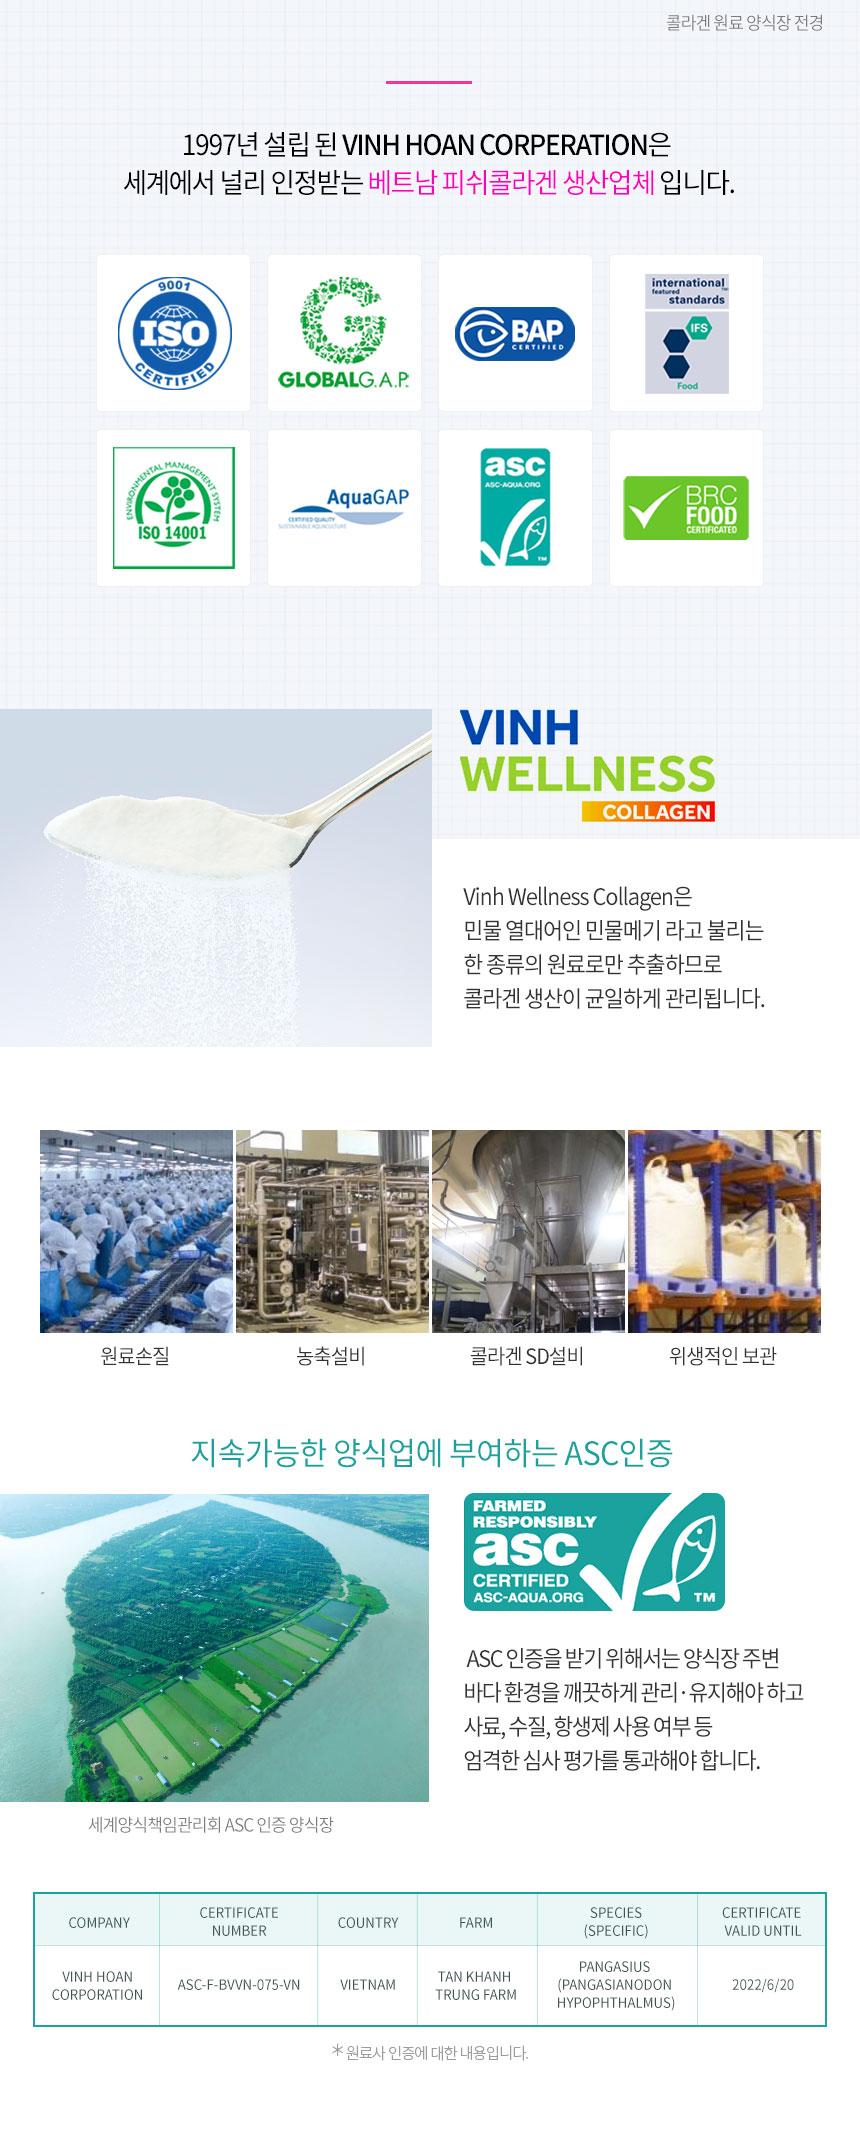 녹십초생활건강 콜라겐30정5